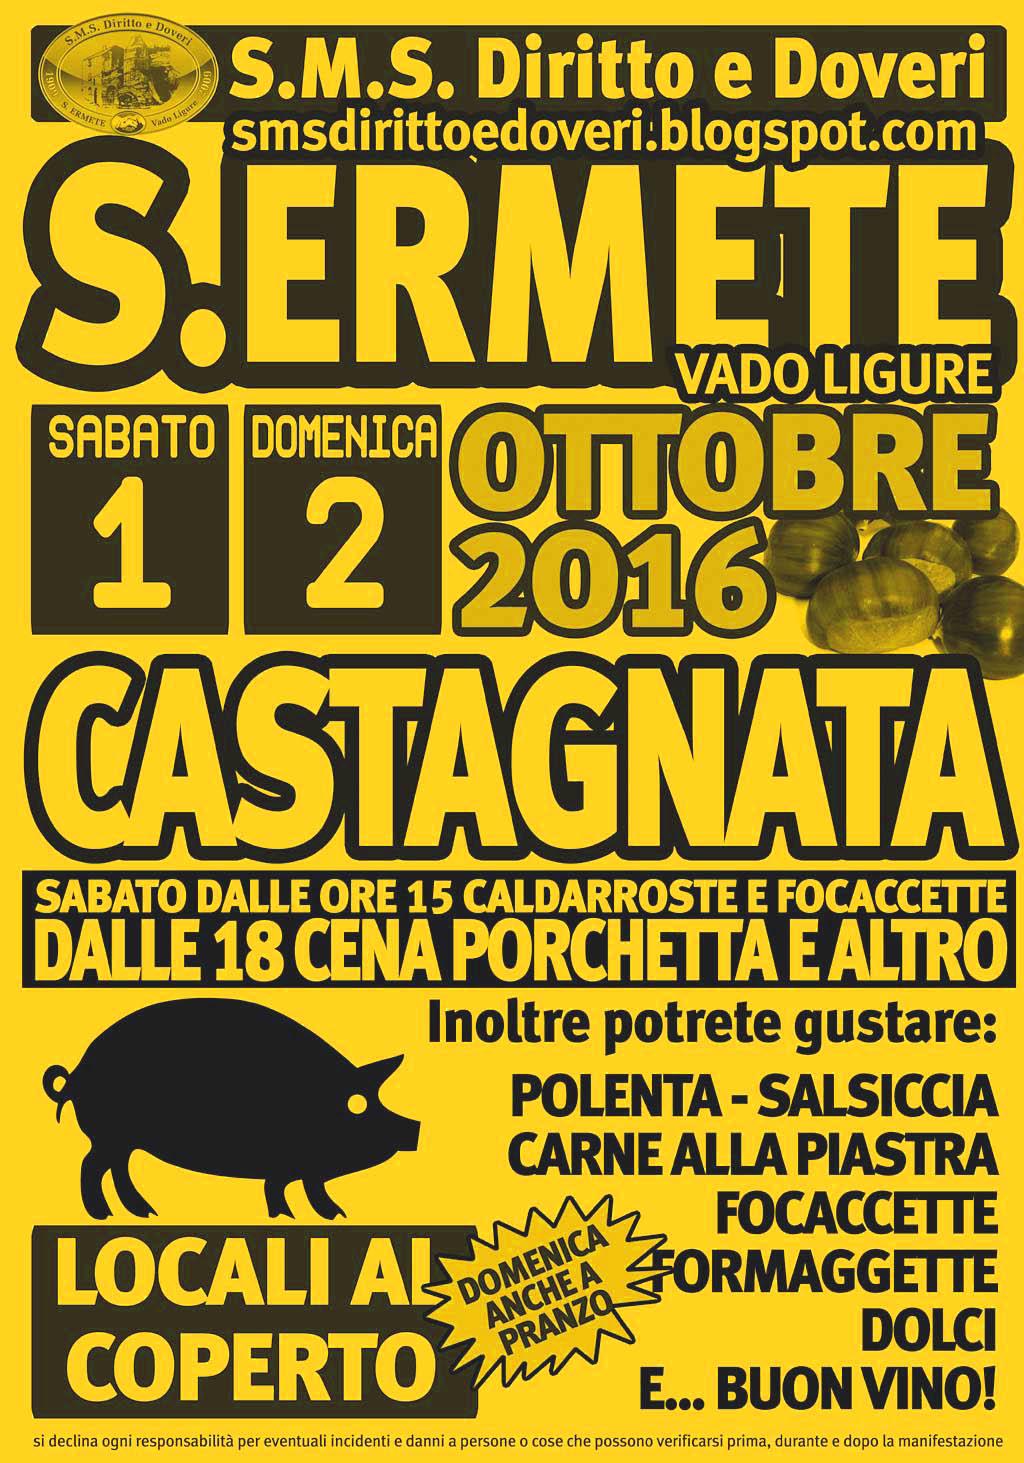 Castagnata e Porchetta a S.Ermete- Vado Ligure